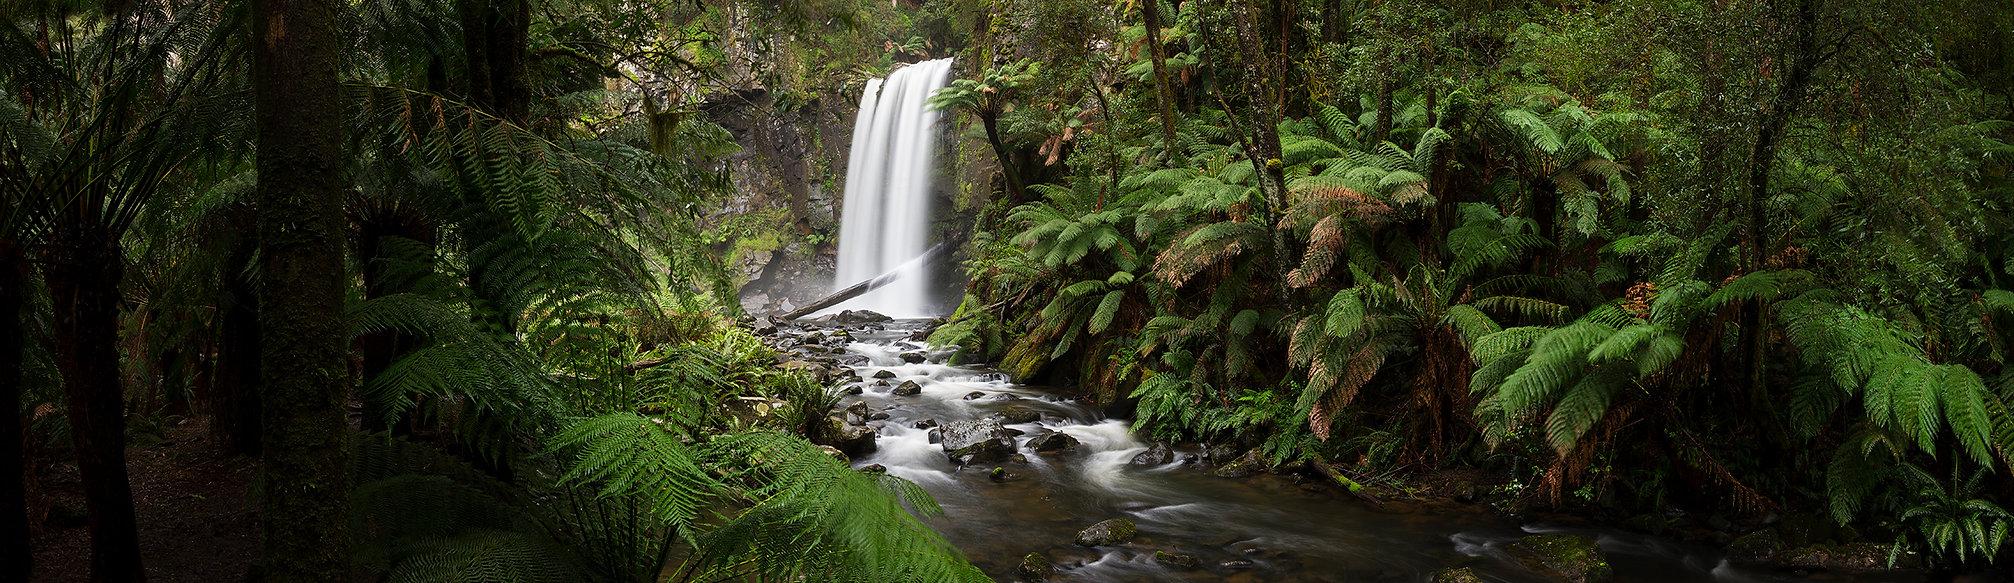 Otway_Rainforest_Panorama2.jpg